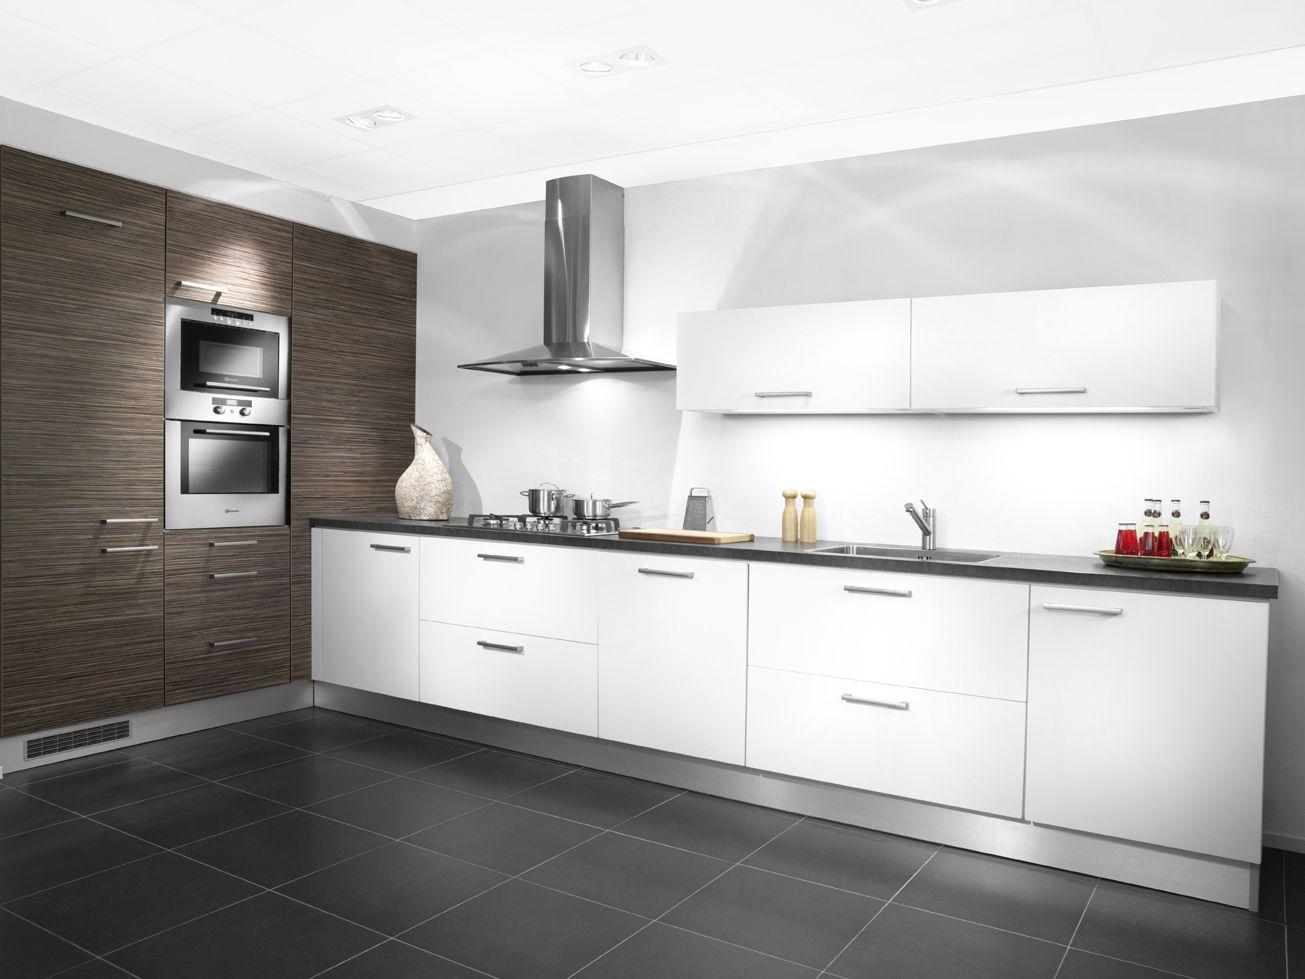 Berkers Keukens Deurne : Keller keukens deurne keller keukens outlet vers bruynzeel